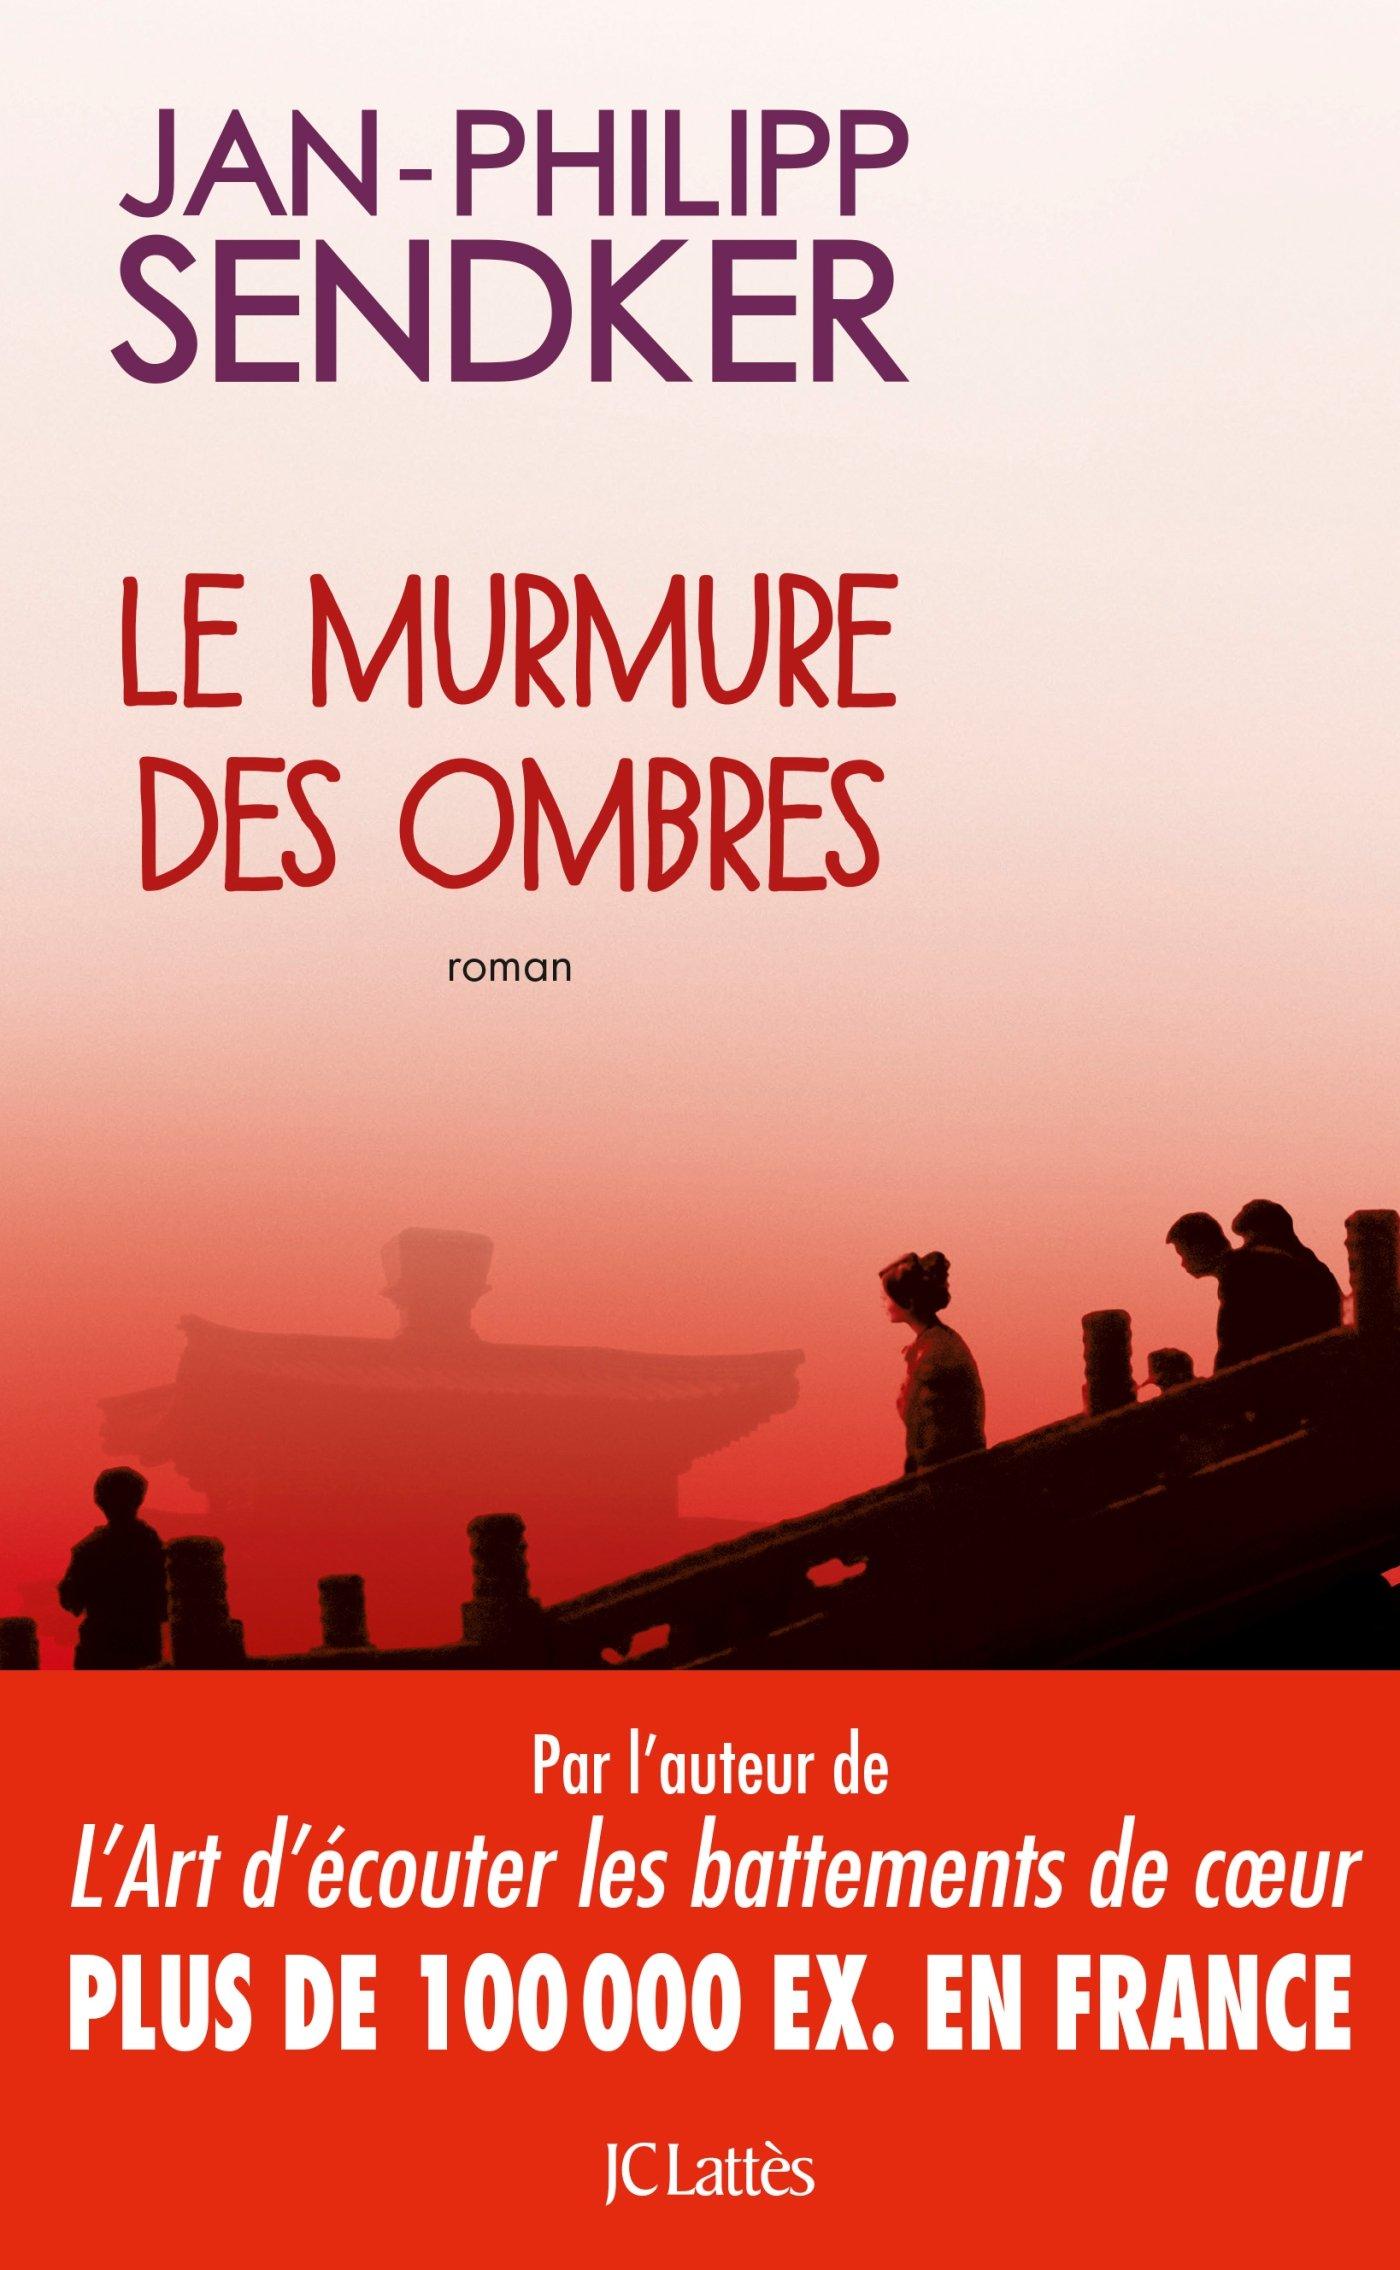 """""""Le murmure des ombres"""" de Jan-Philip Sendker. Chroniques de livres et conseils de lecture par MLBA."""